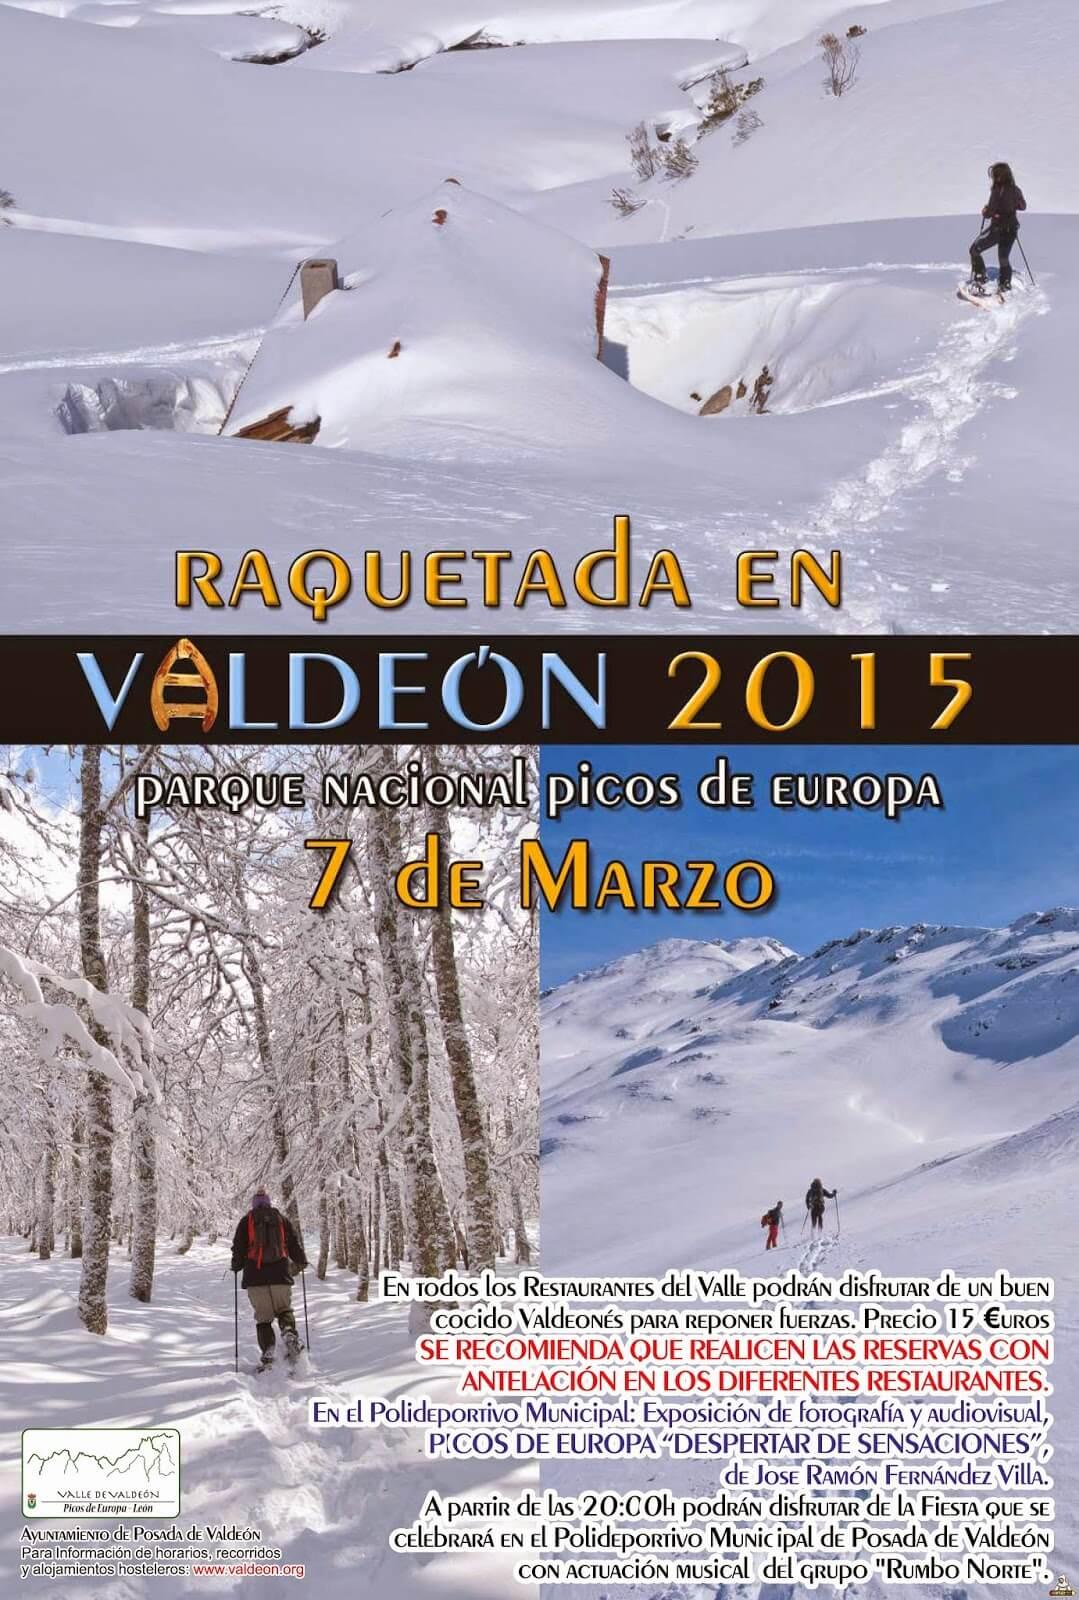 Raquetada Valdeón 2015